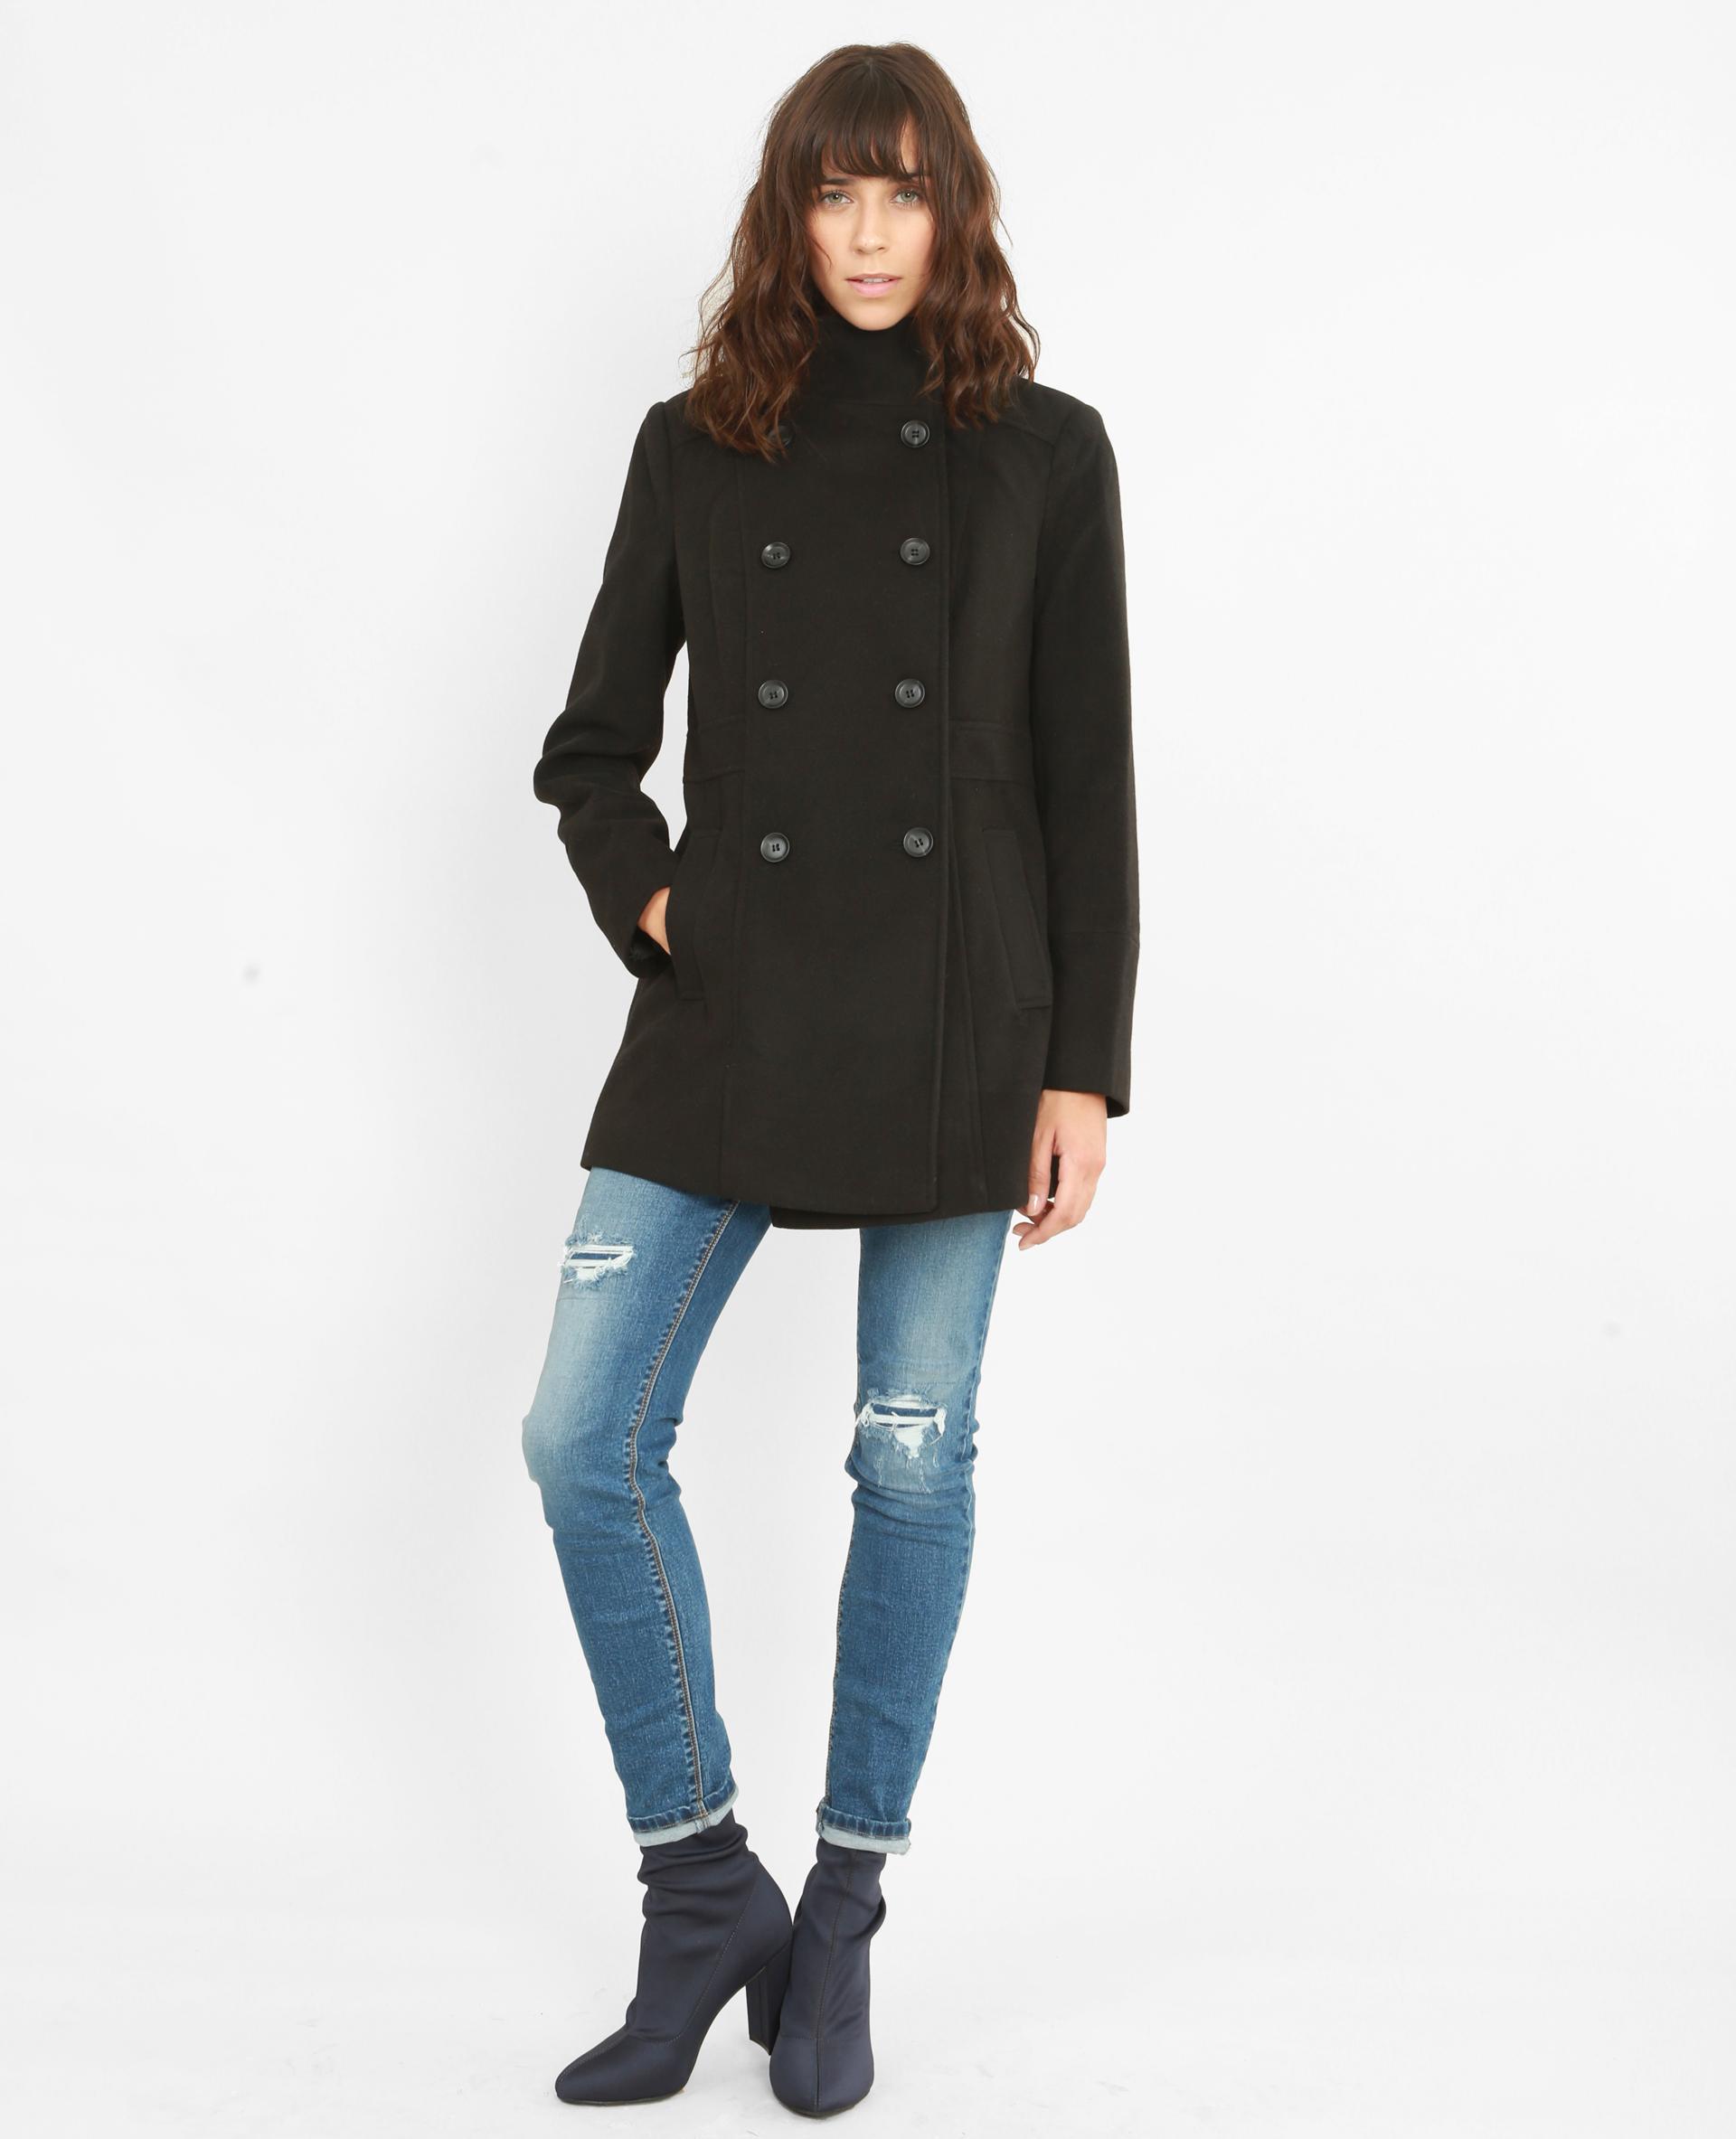 Manteau double boutonnage noir 280121899A08 | Pimkie